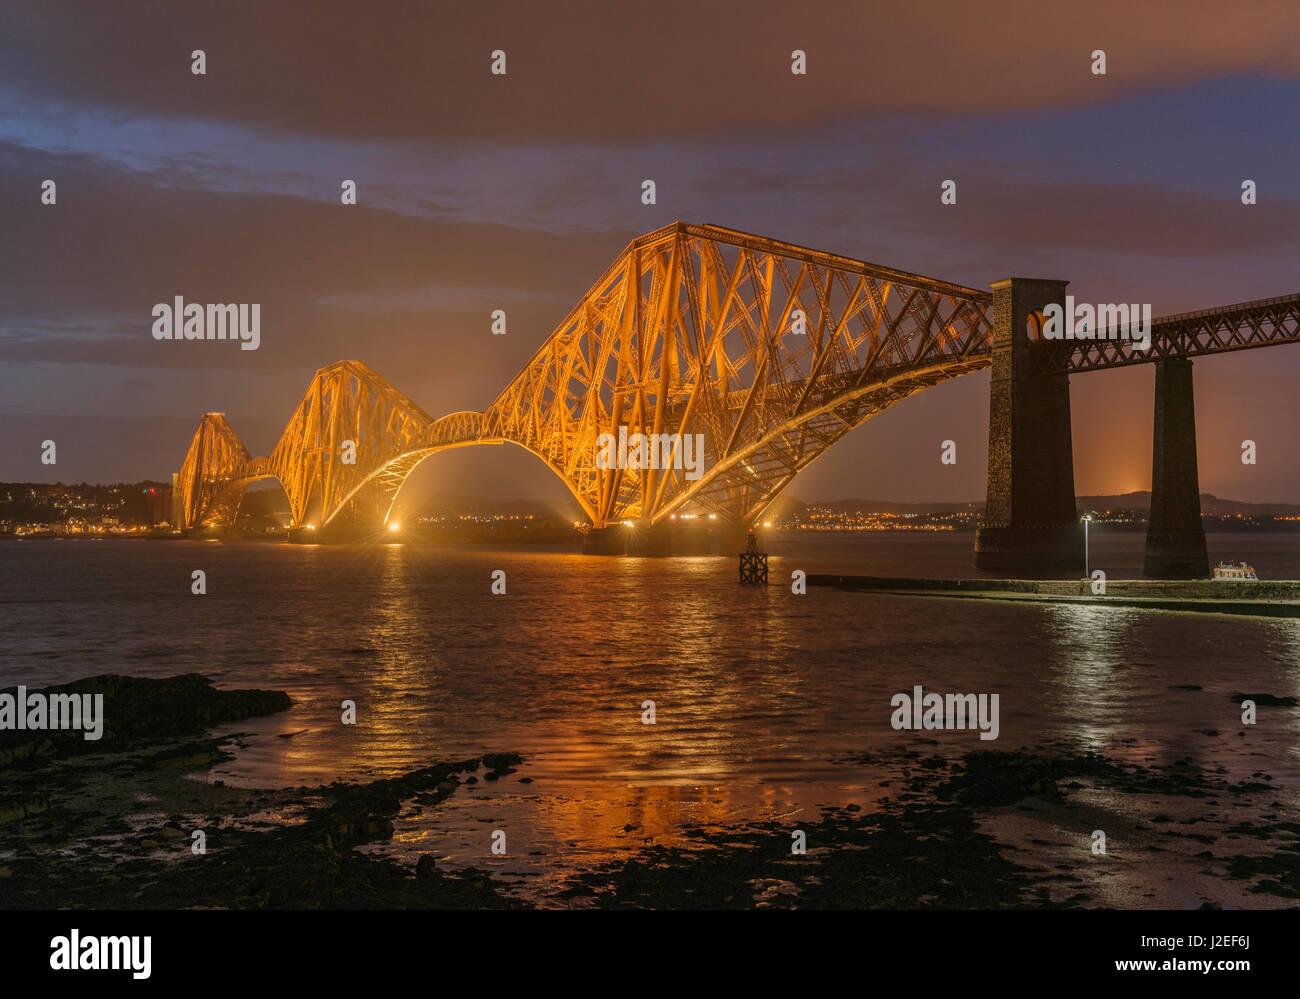 Forth Bridge in der Dämmerung, Blick nach Norden, South Queensferry, Lothian, Schottland, Vereinigtes Königreich Stockbild